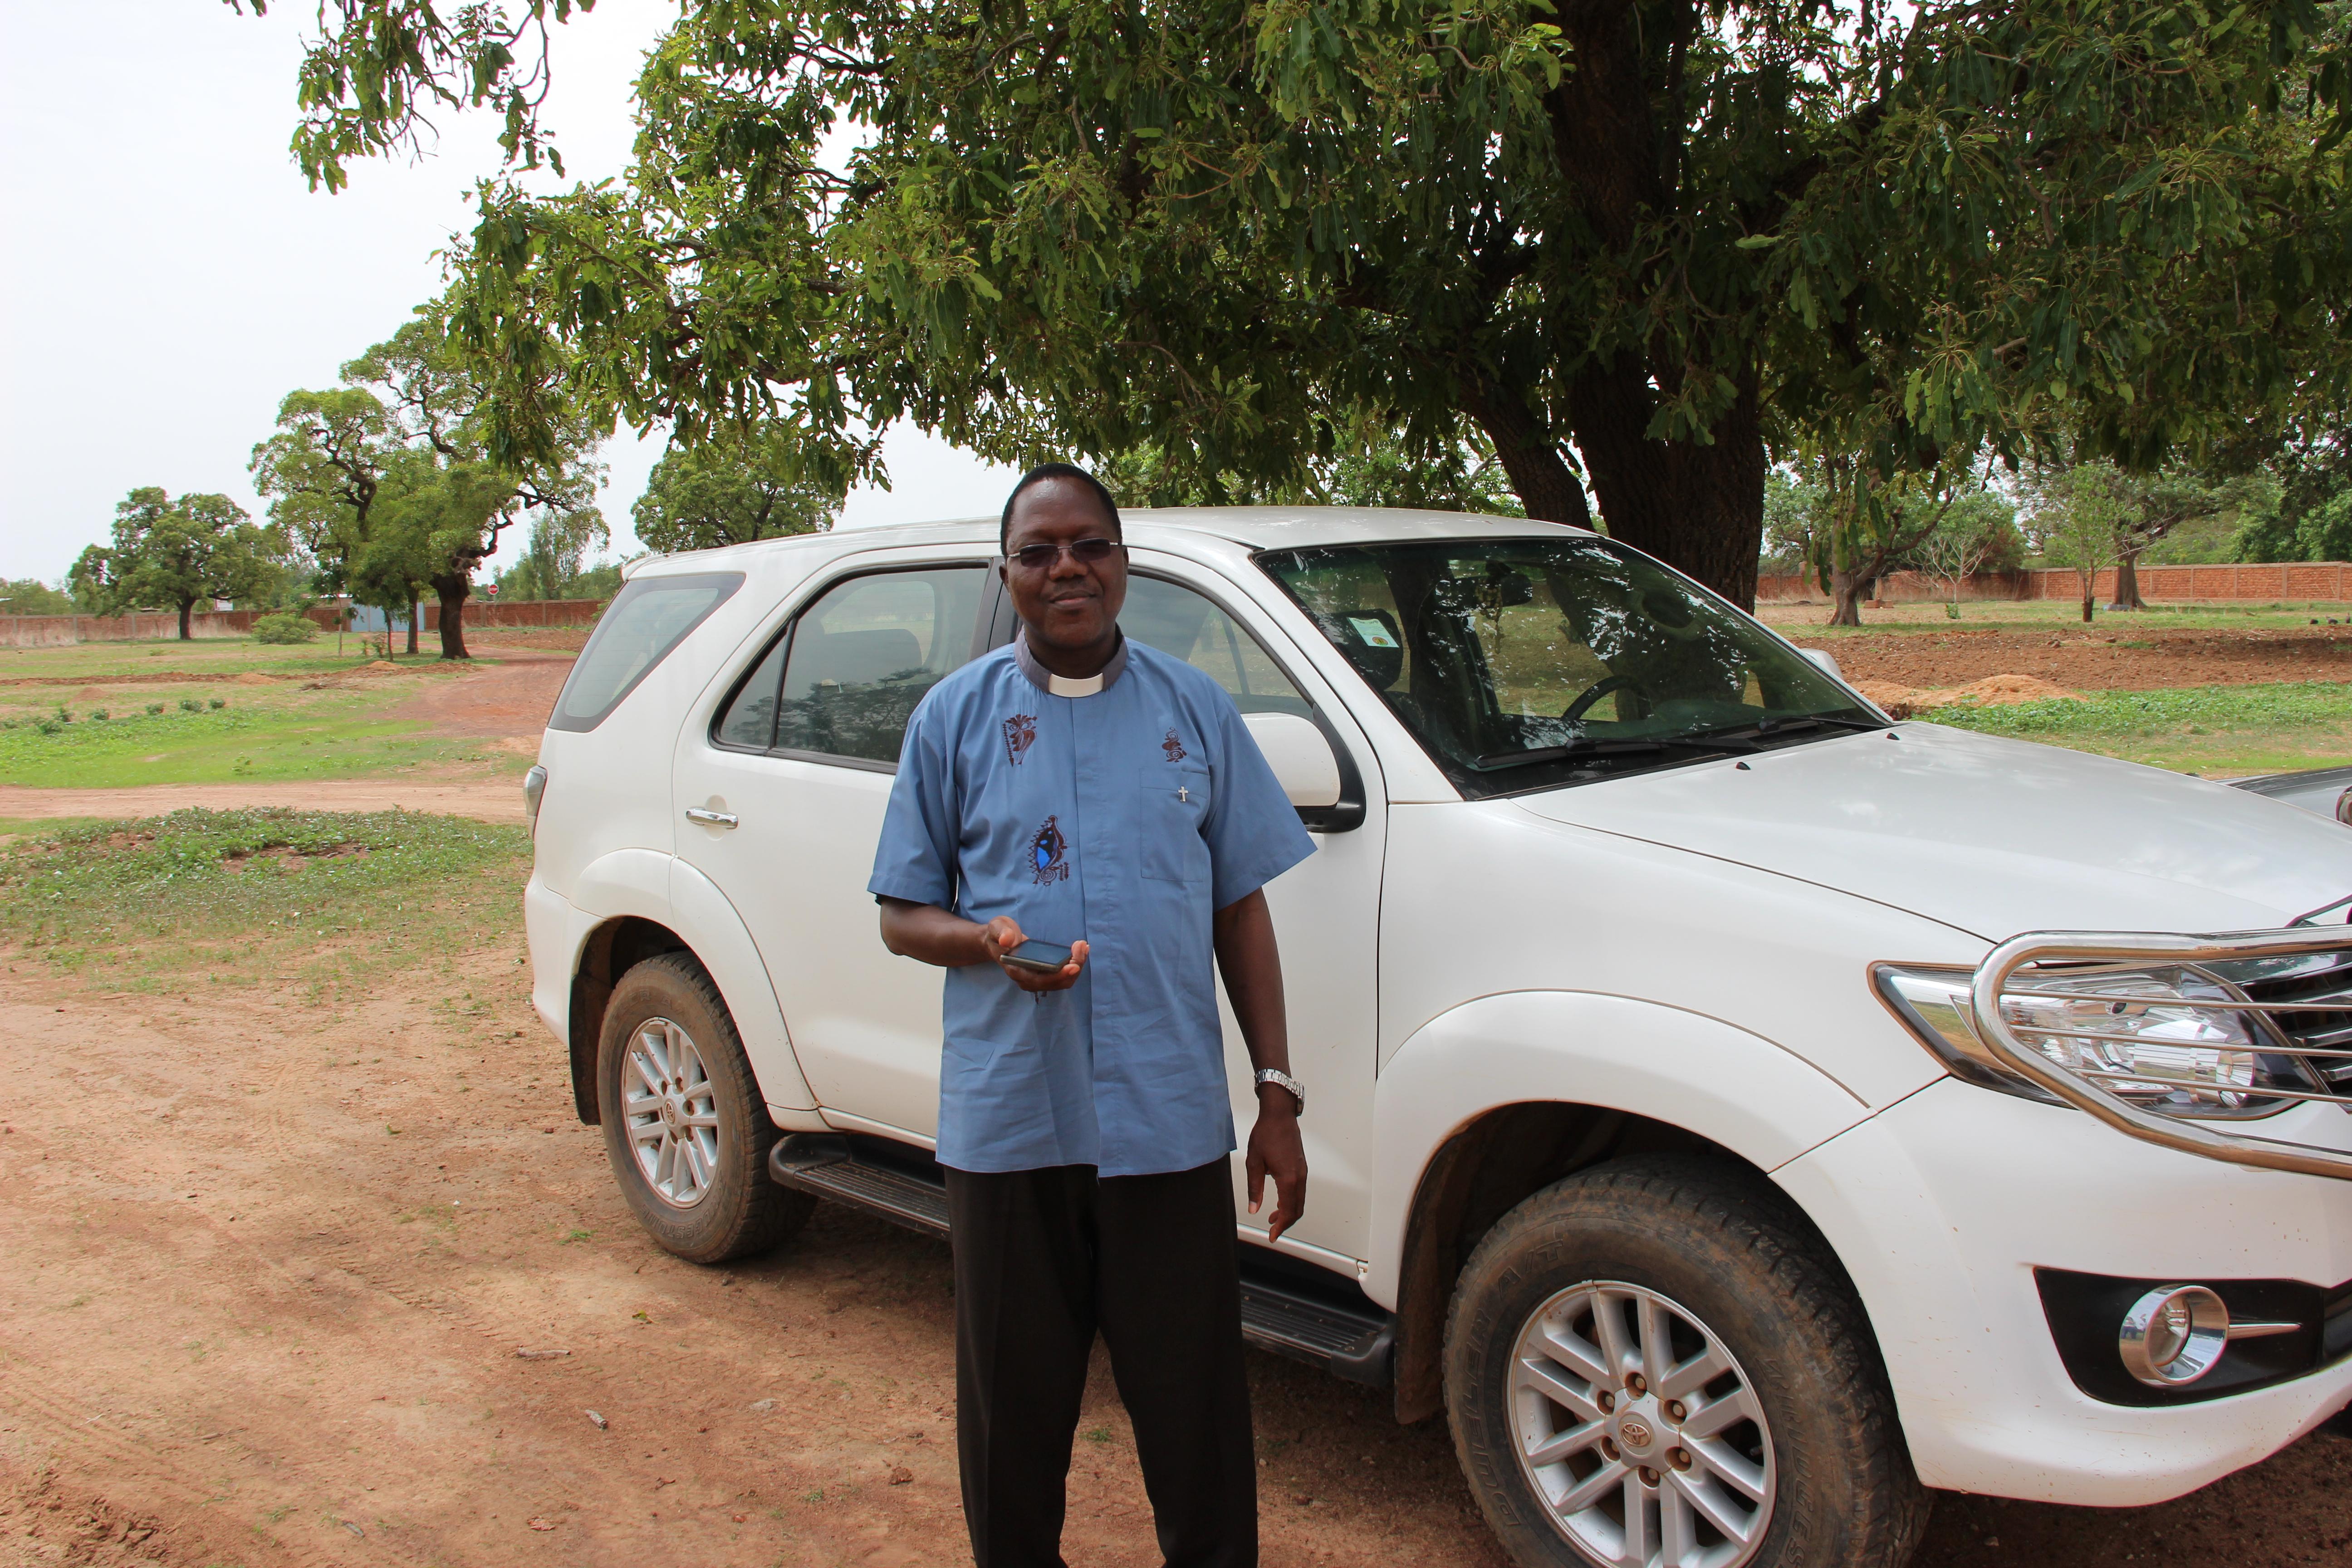 Proyecto: En Burkina Faso un sacerdote visita a las familias en vulnerabilidad